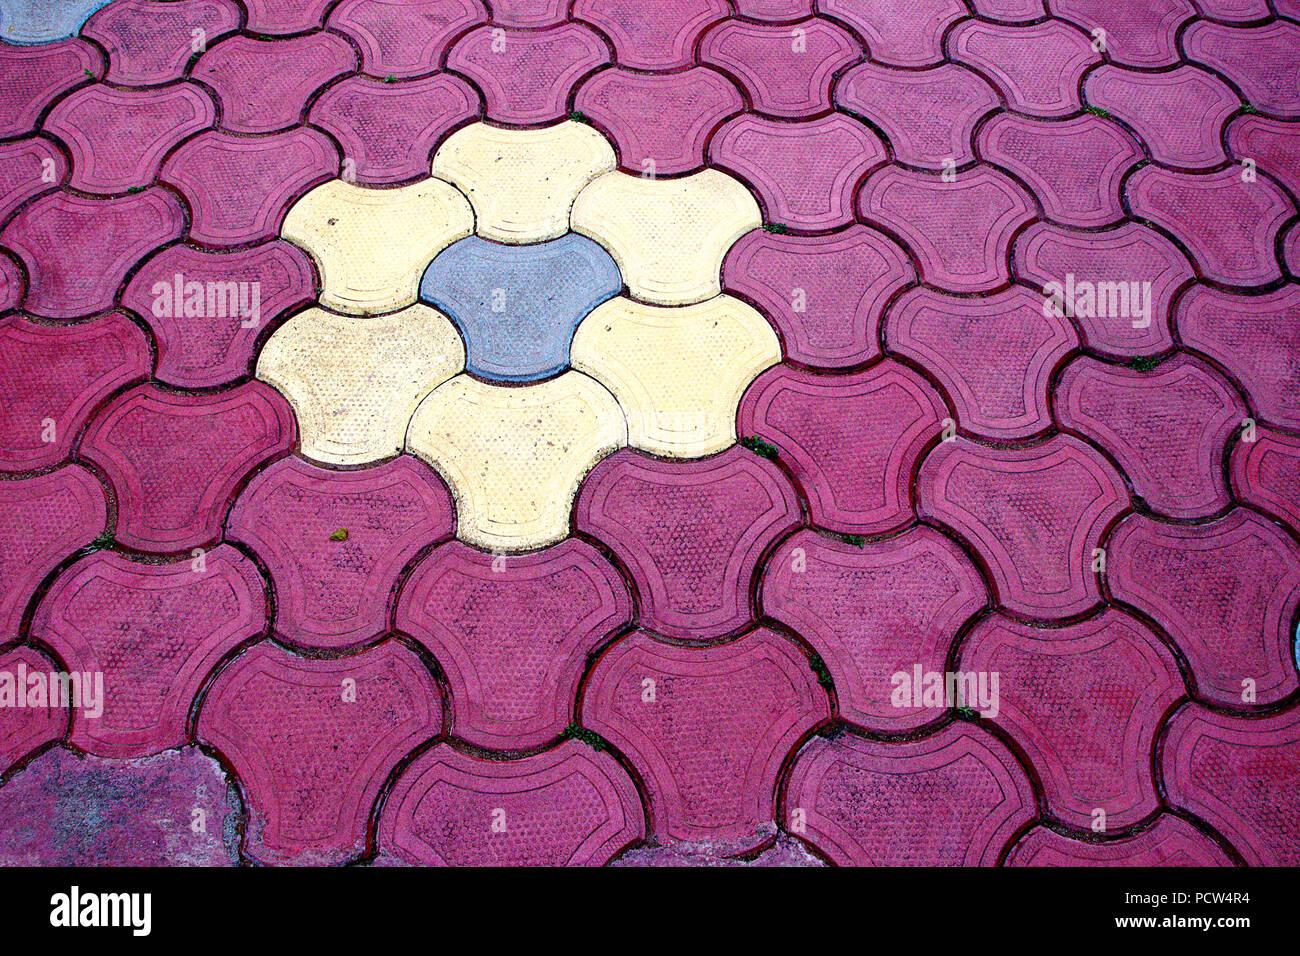 Design Von Verriegelt Rosa Creme Und Hellblau Mosaik Bodenfliesen